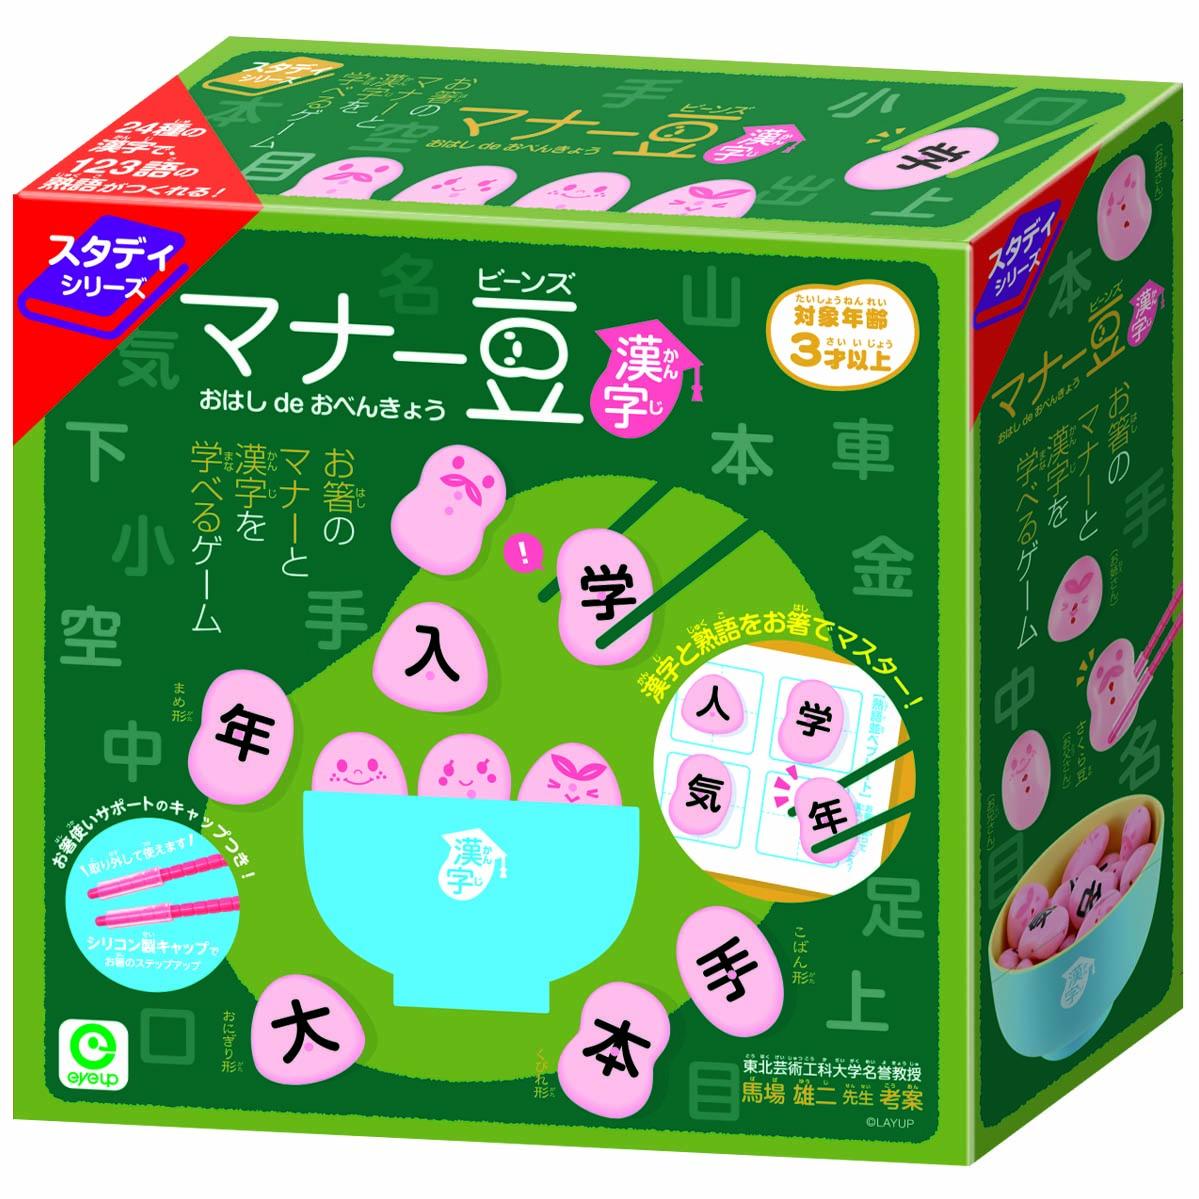 ☆ラッピング可能☆マナー豆(ビーンズ) おはし de おべんきょう(漢字)